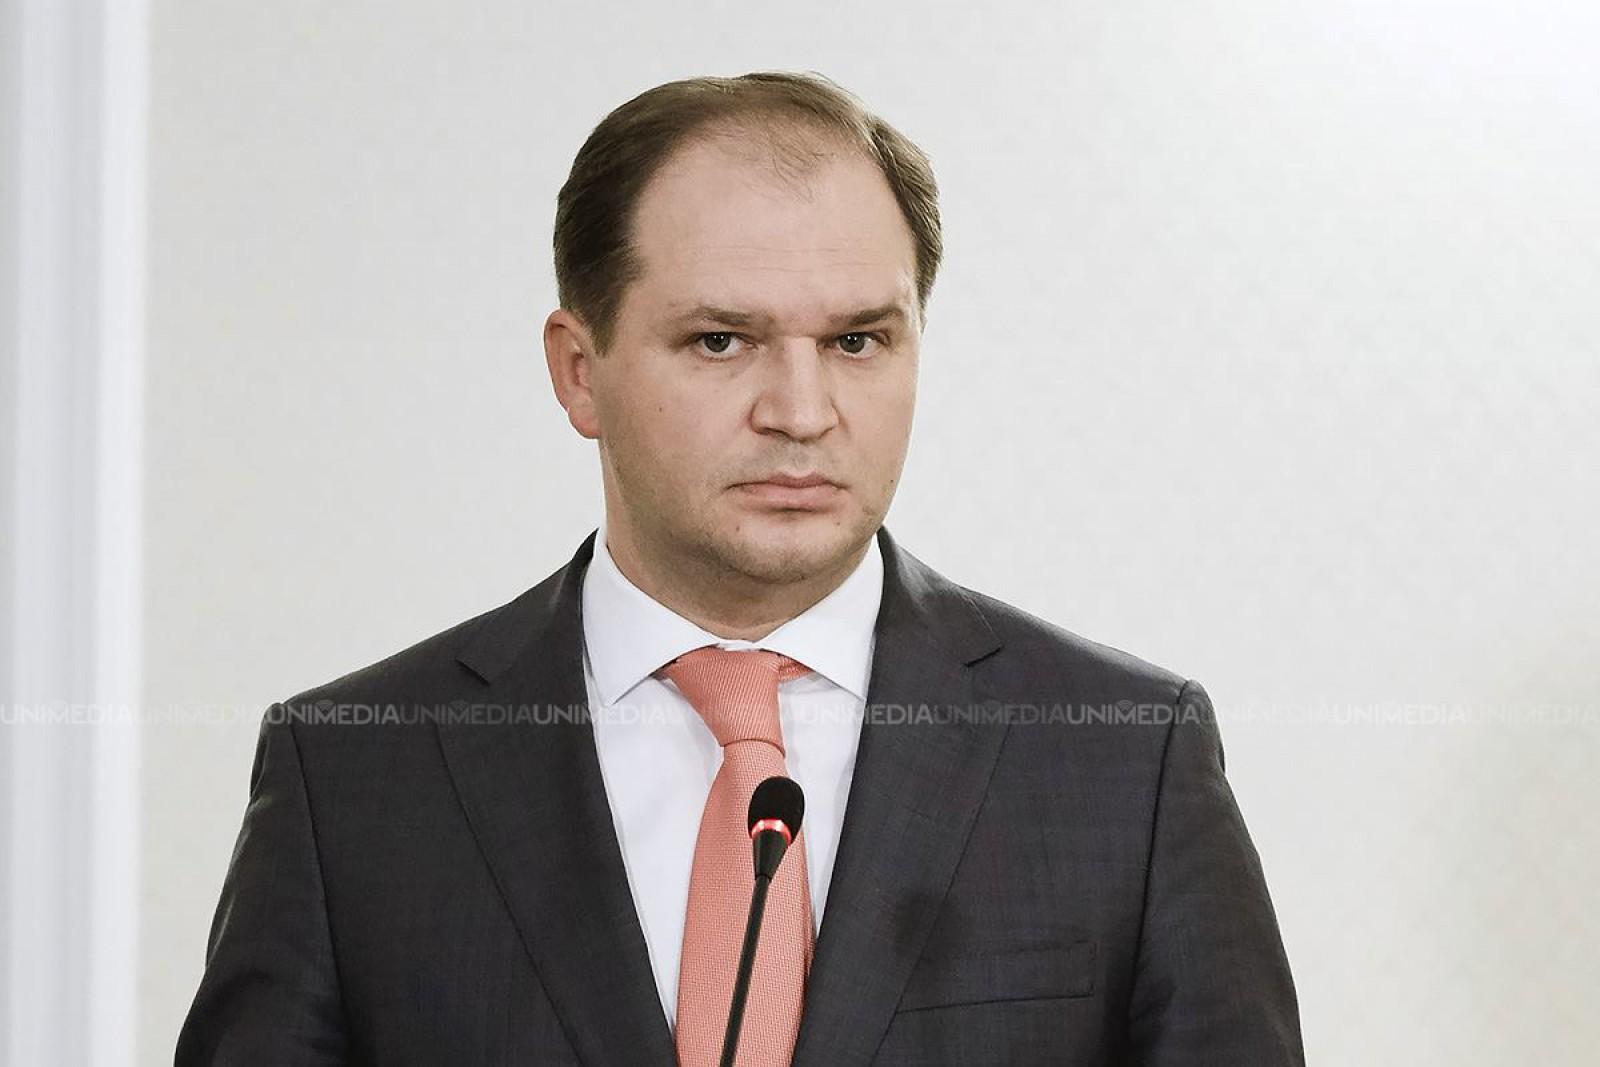 (doc) Ion Ceban dorește să facă din Chișinău un oraș modern: A elaborat un plan de dezvoltare pentru următorii 20 de ani. Tramvaie, străzi mărite și un nou nod de transport